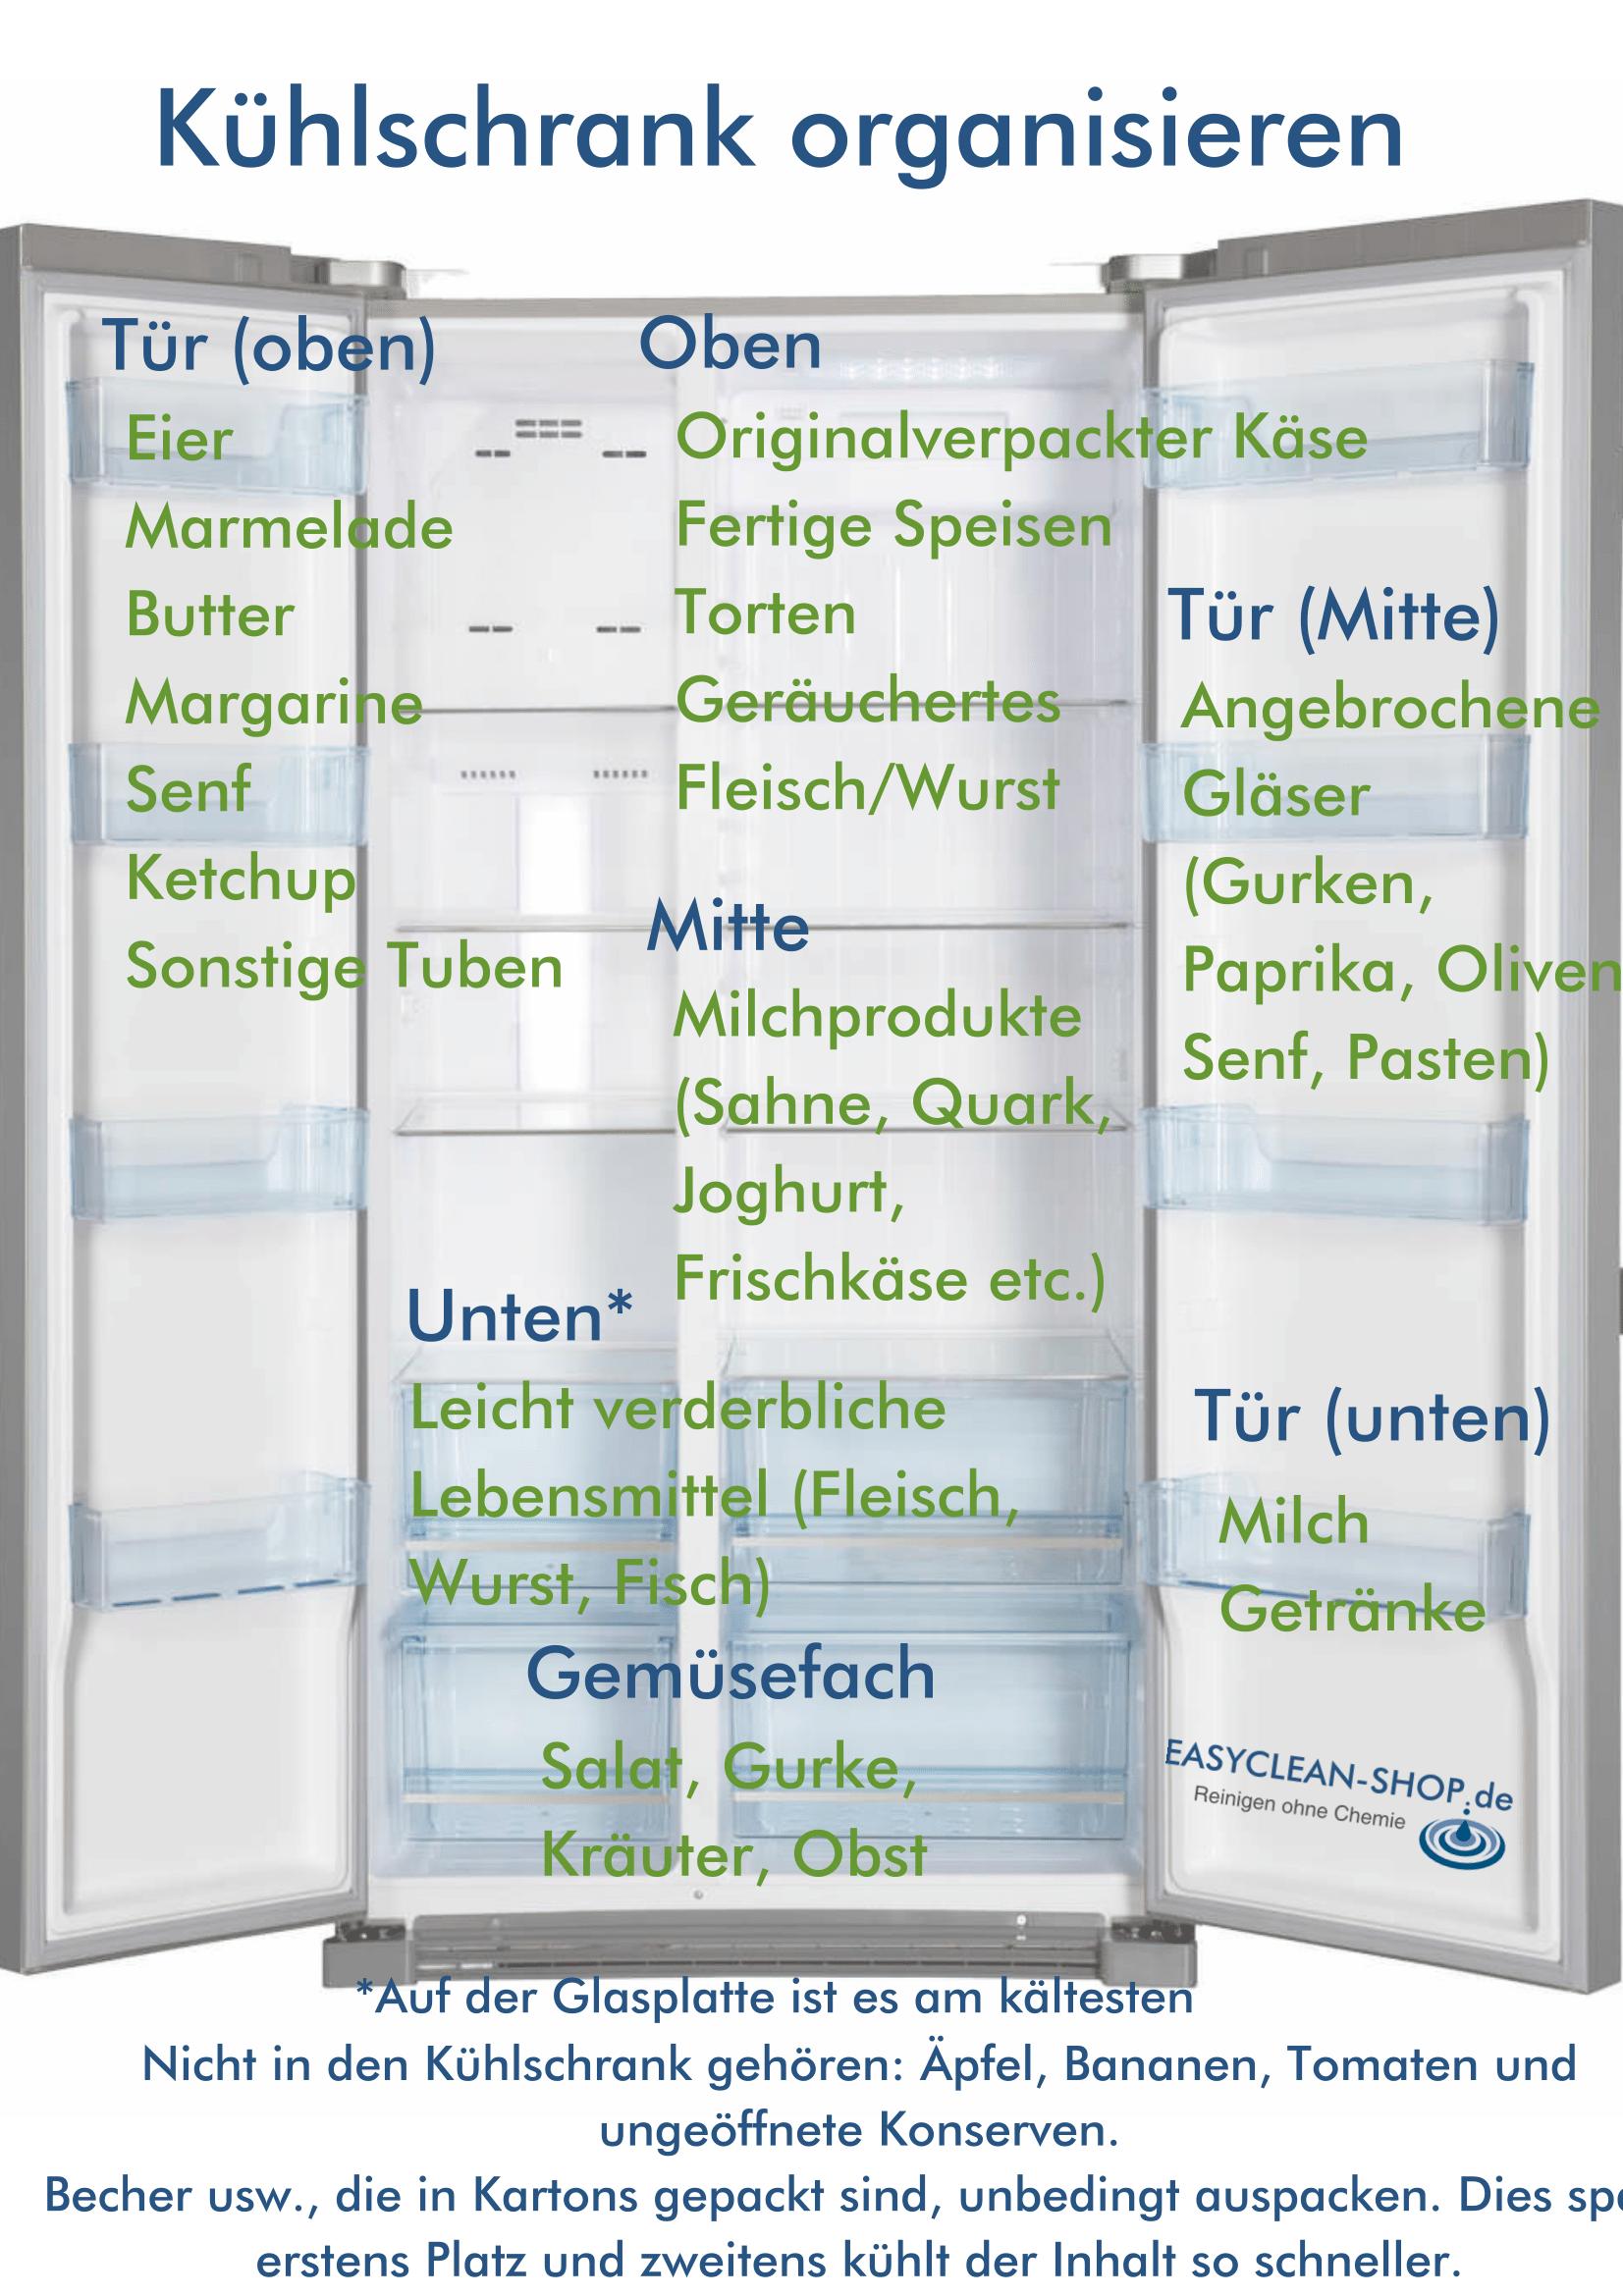 10 Tipps & 1 Putzplan für\'s Küche putzen | EASYCLEAN-SHOP.de